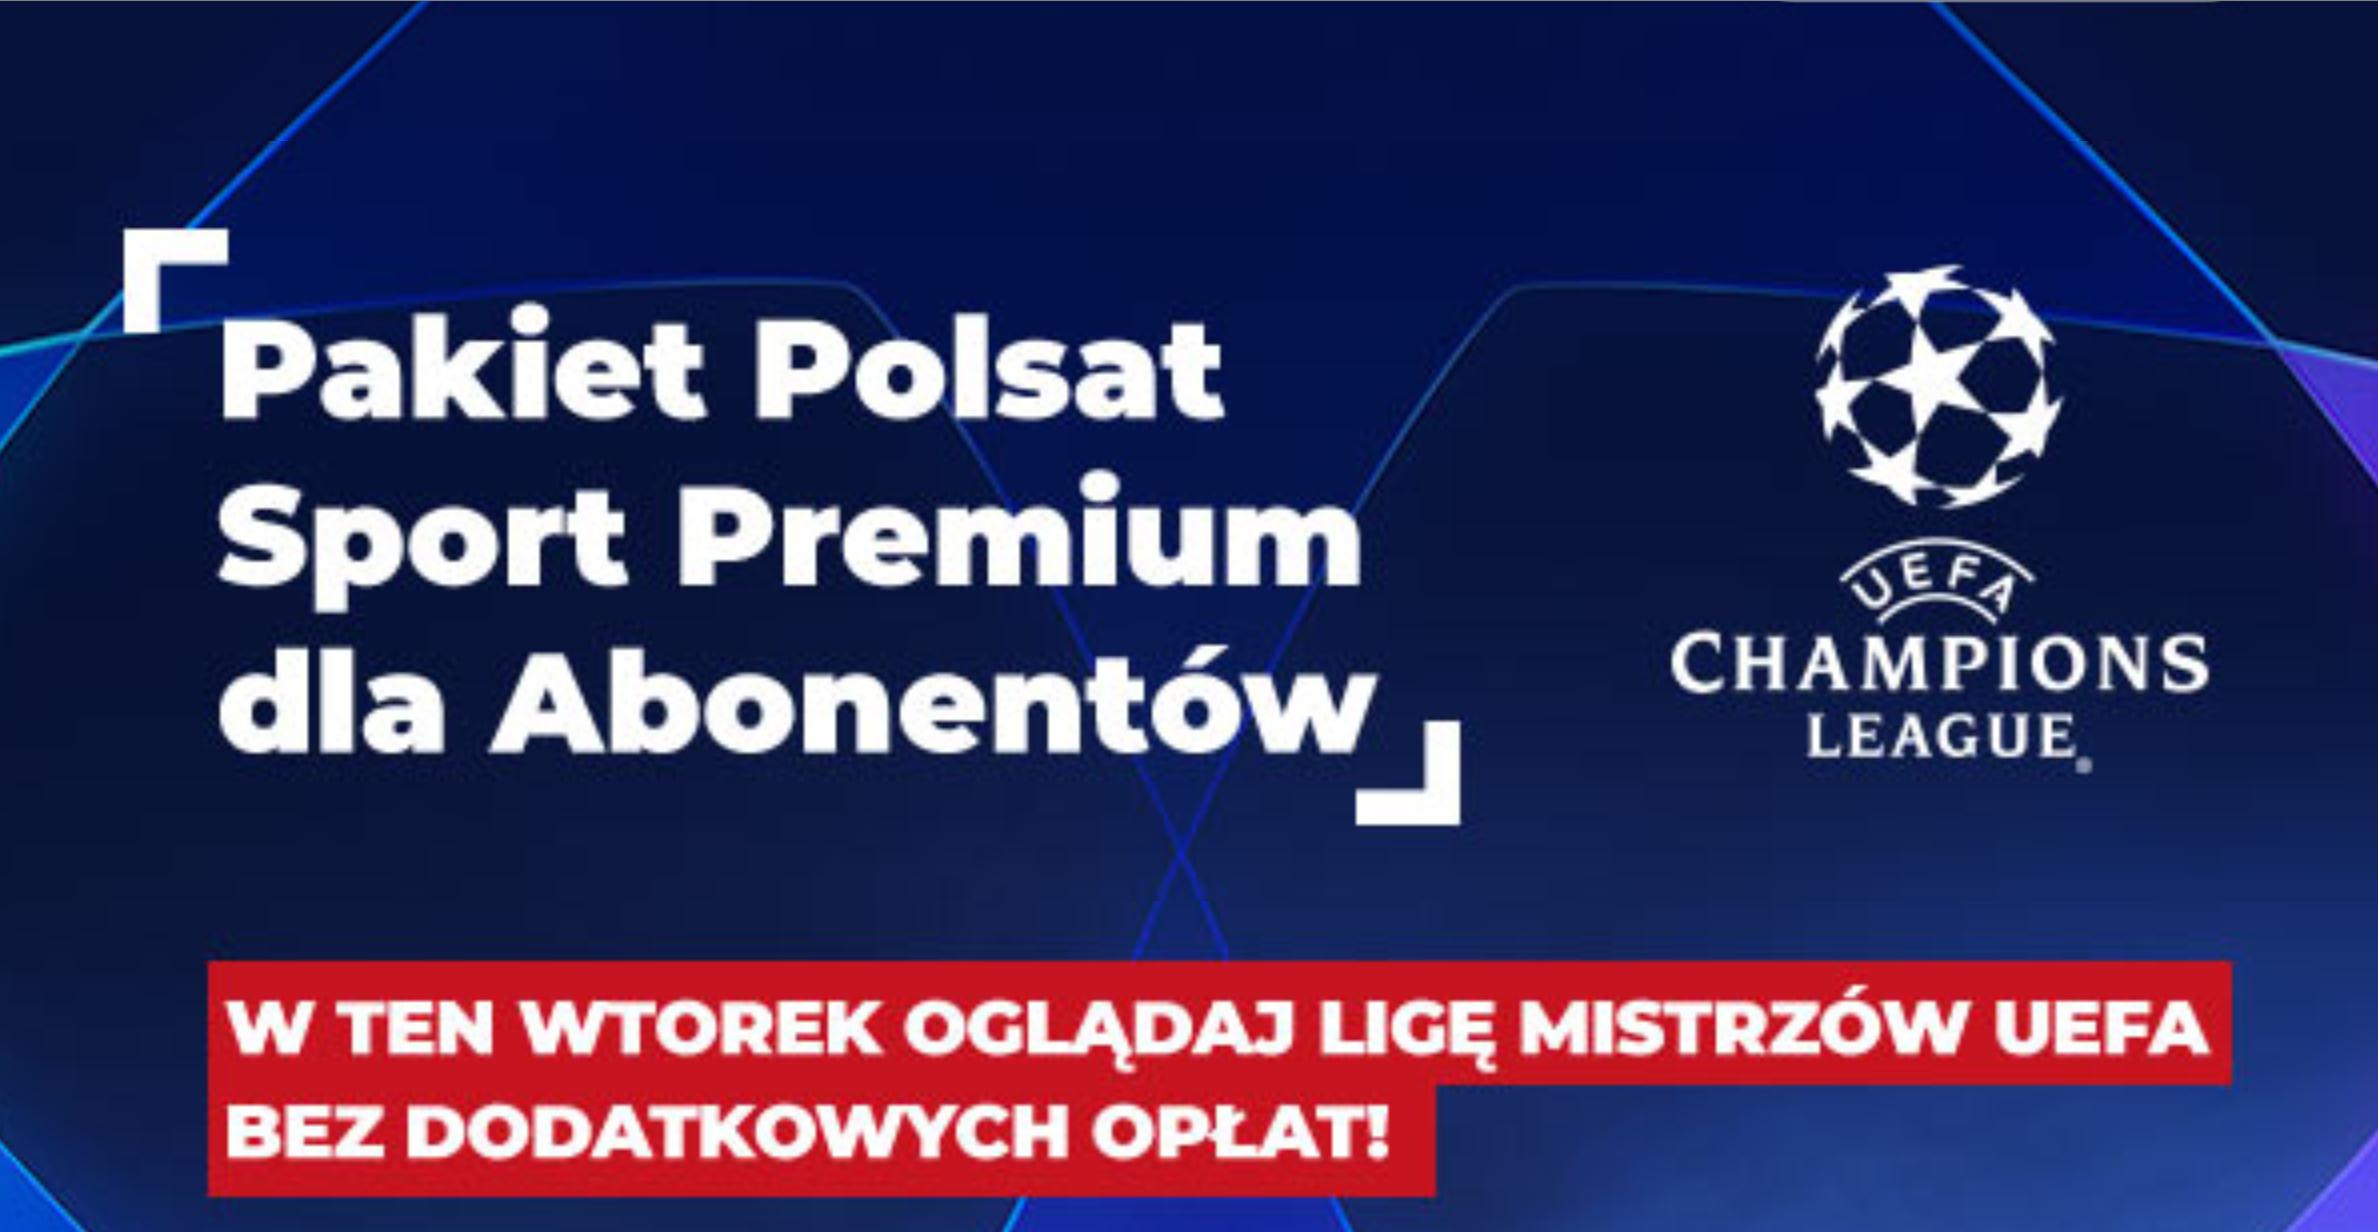 Liga mistrzów odkodowana Polsat Sport Premium